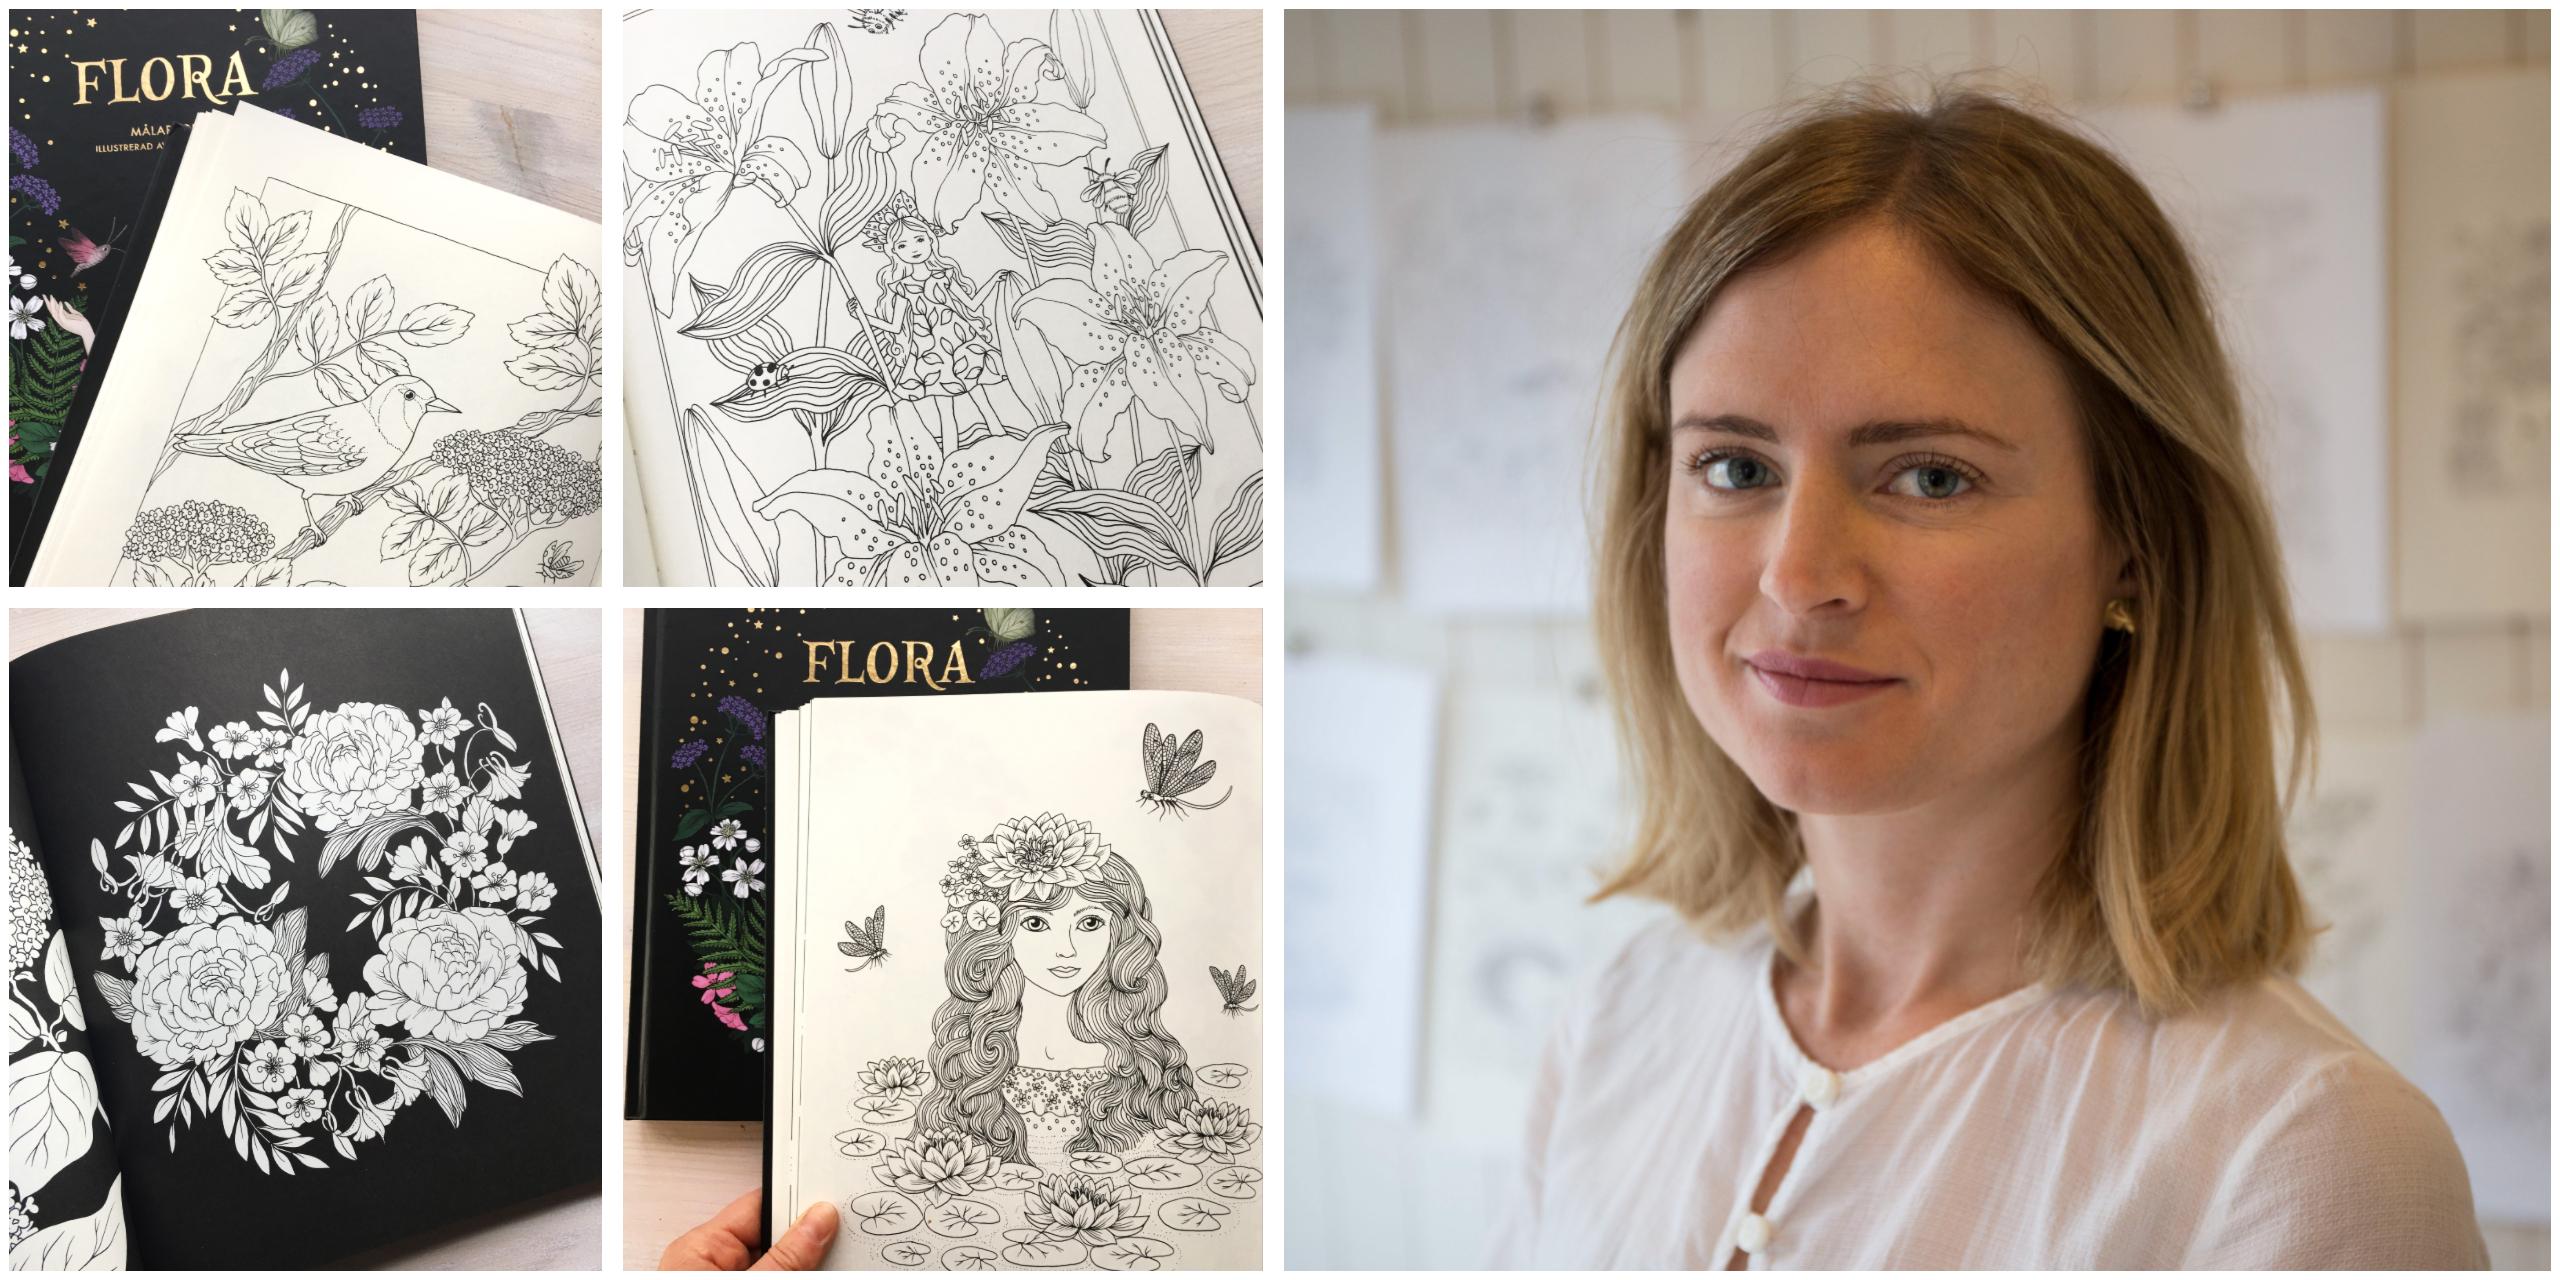 Despre cărți de colorat, despre flori și despre FLORA cu MARIA TROLLE